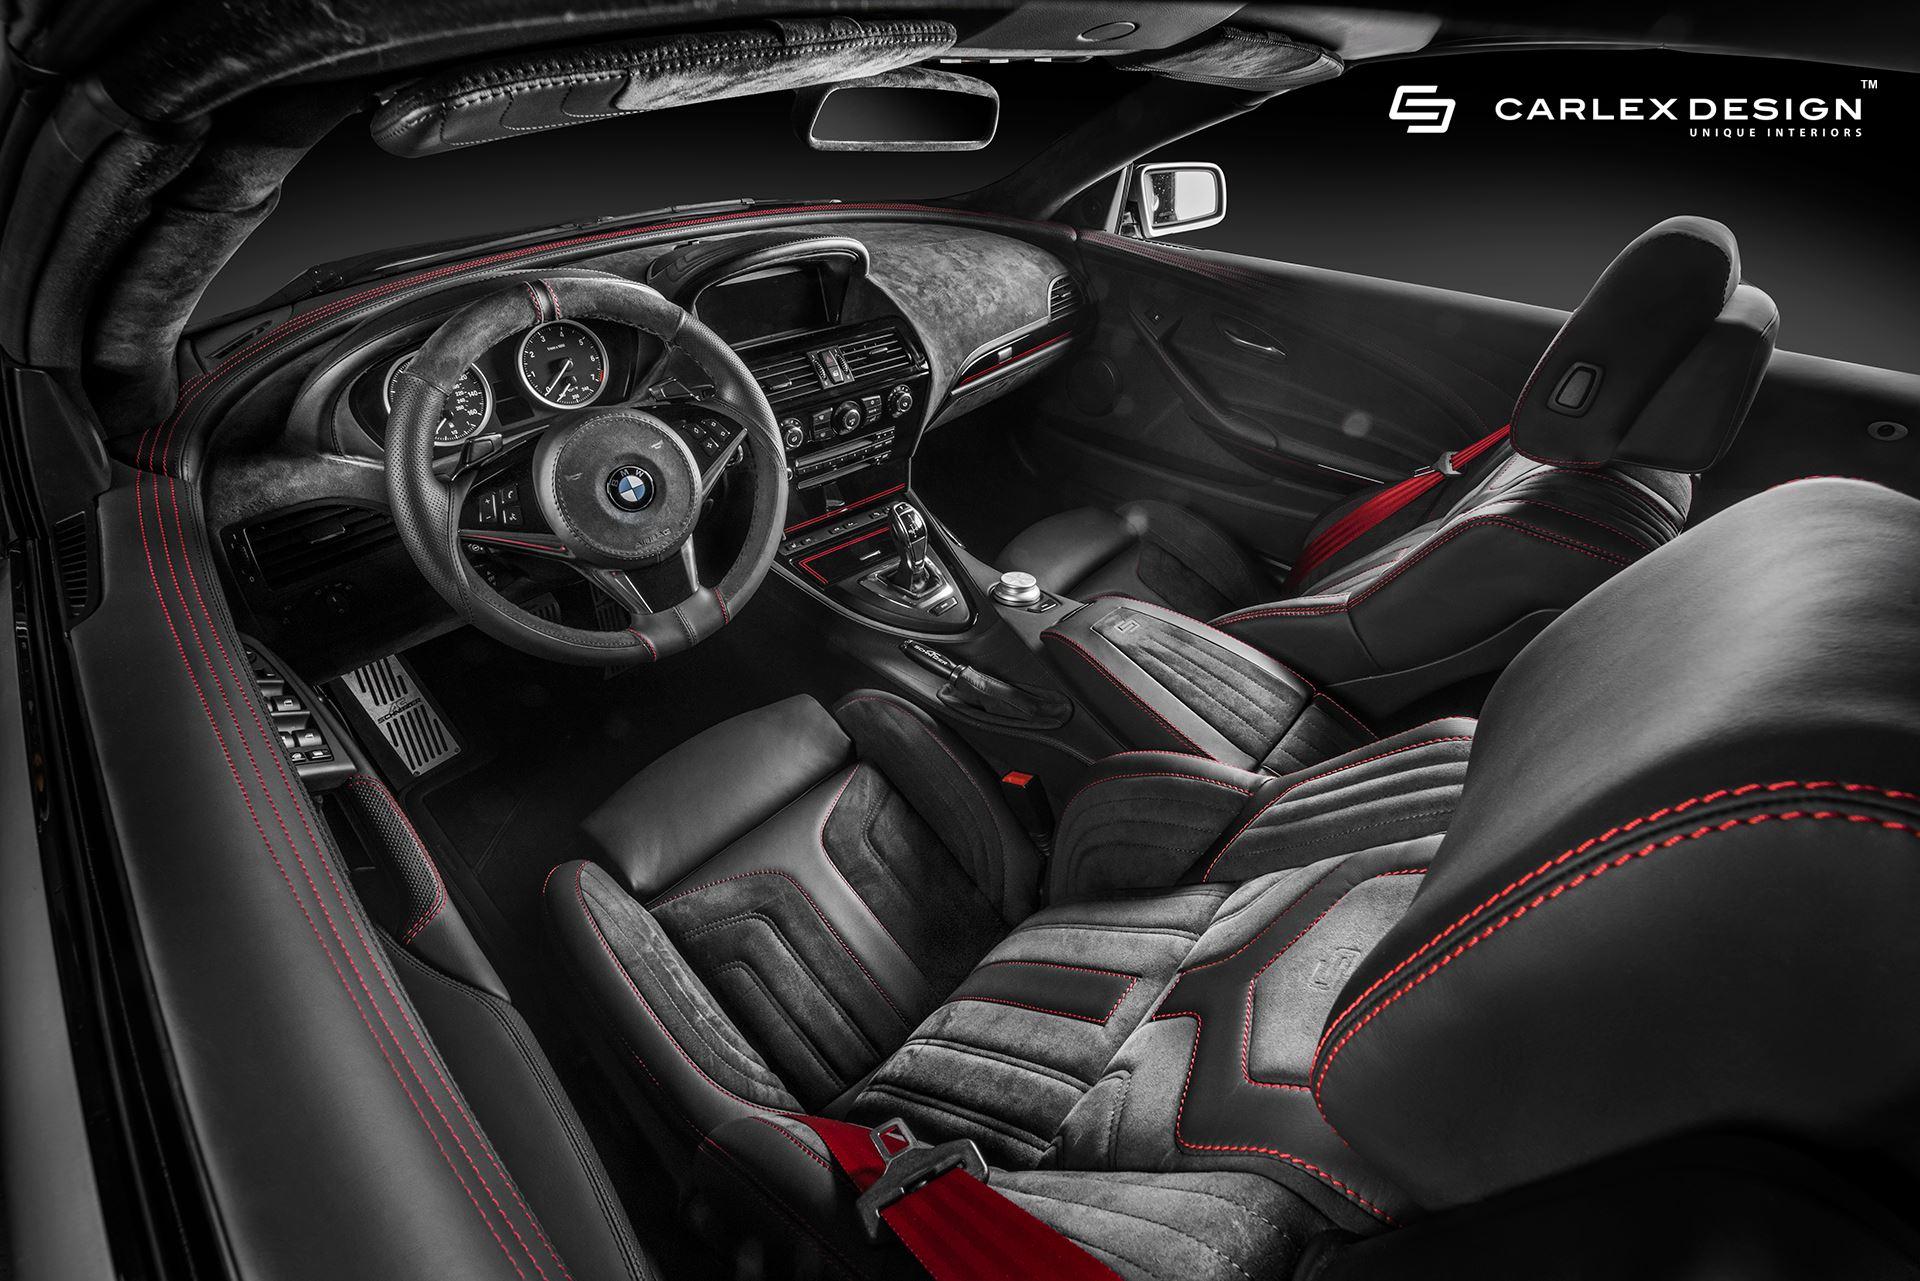 Ателье Carlex Design доработало салон БМВ 6-Series 2-го поколения